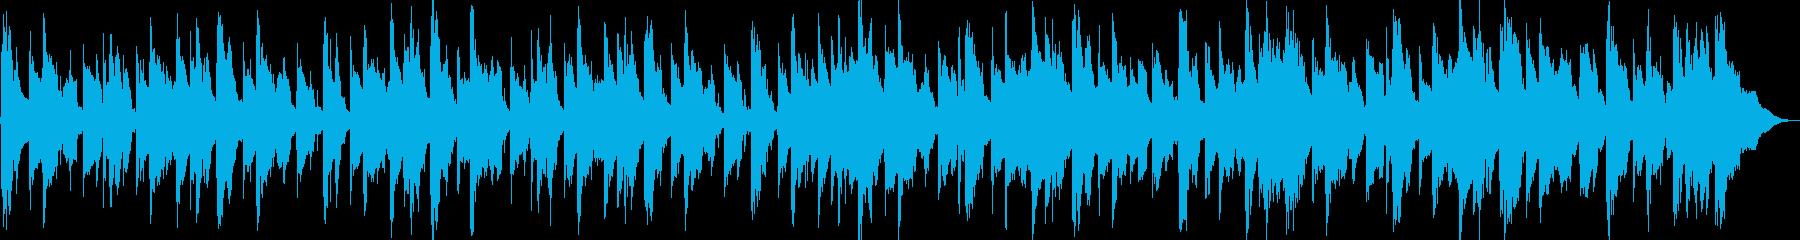 クールなジャズとエレクトロニカが融...の再生済みの波形